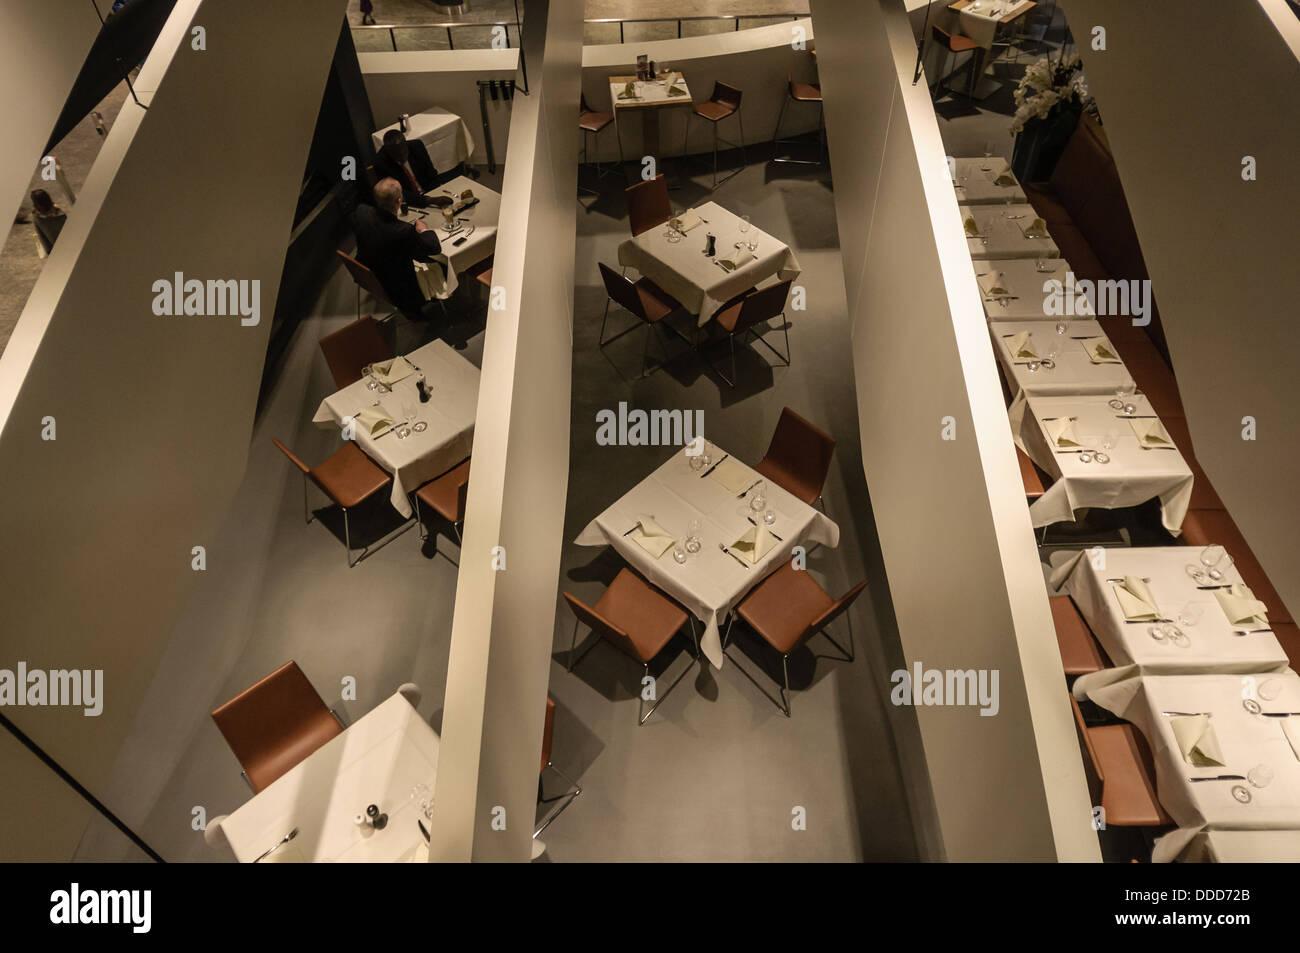 Zurich airport restaurant - Stock Image